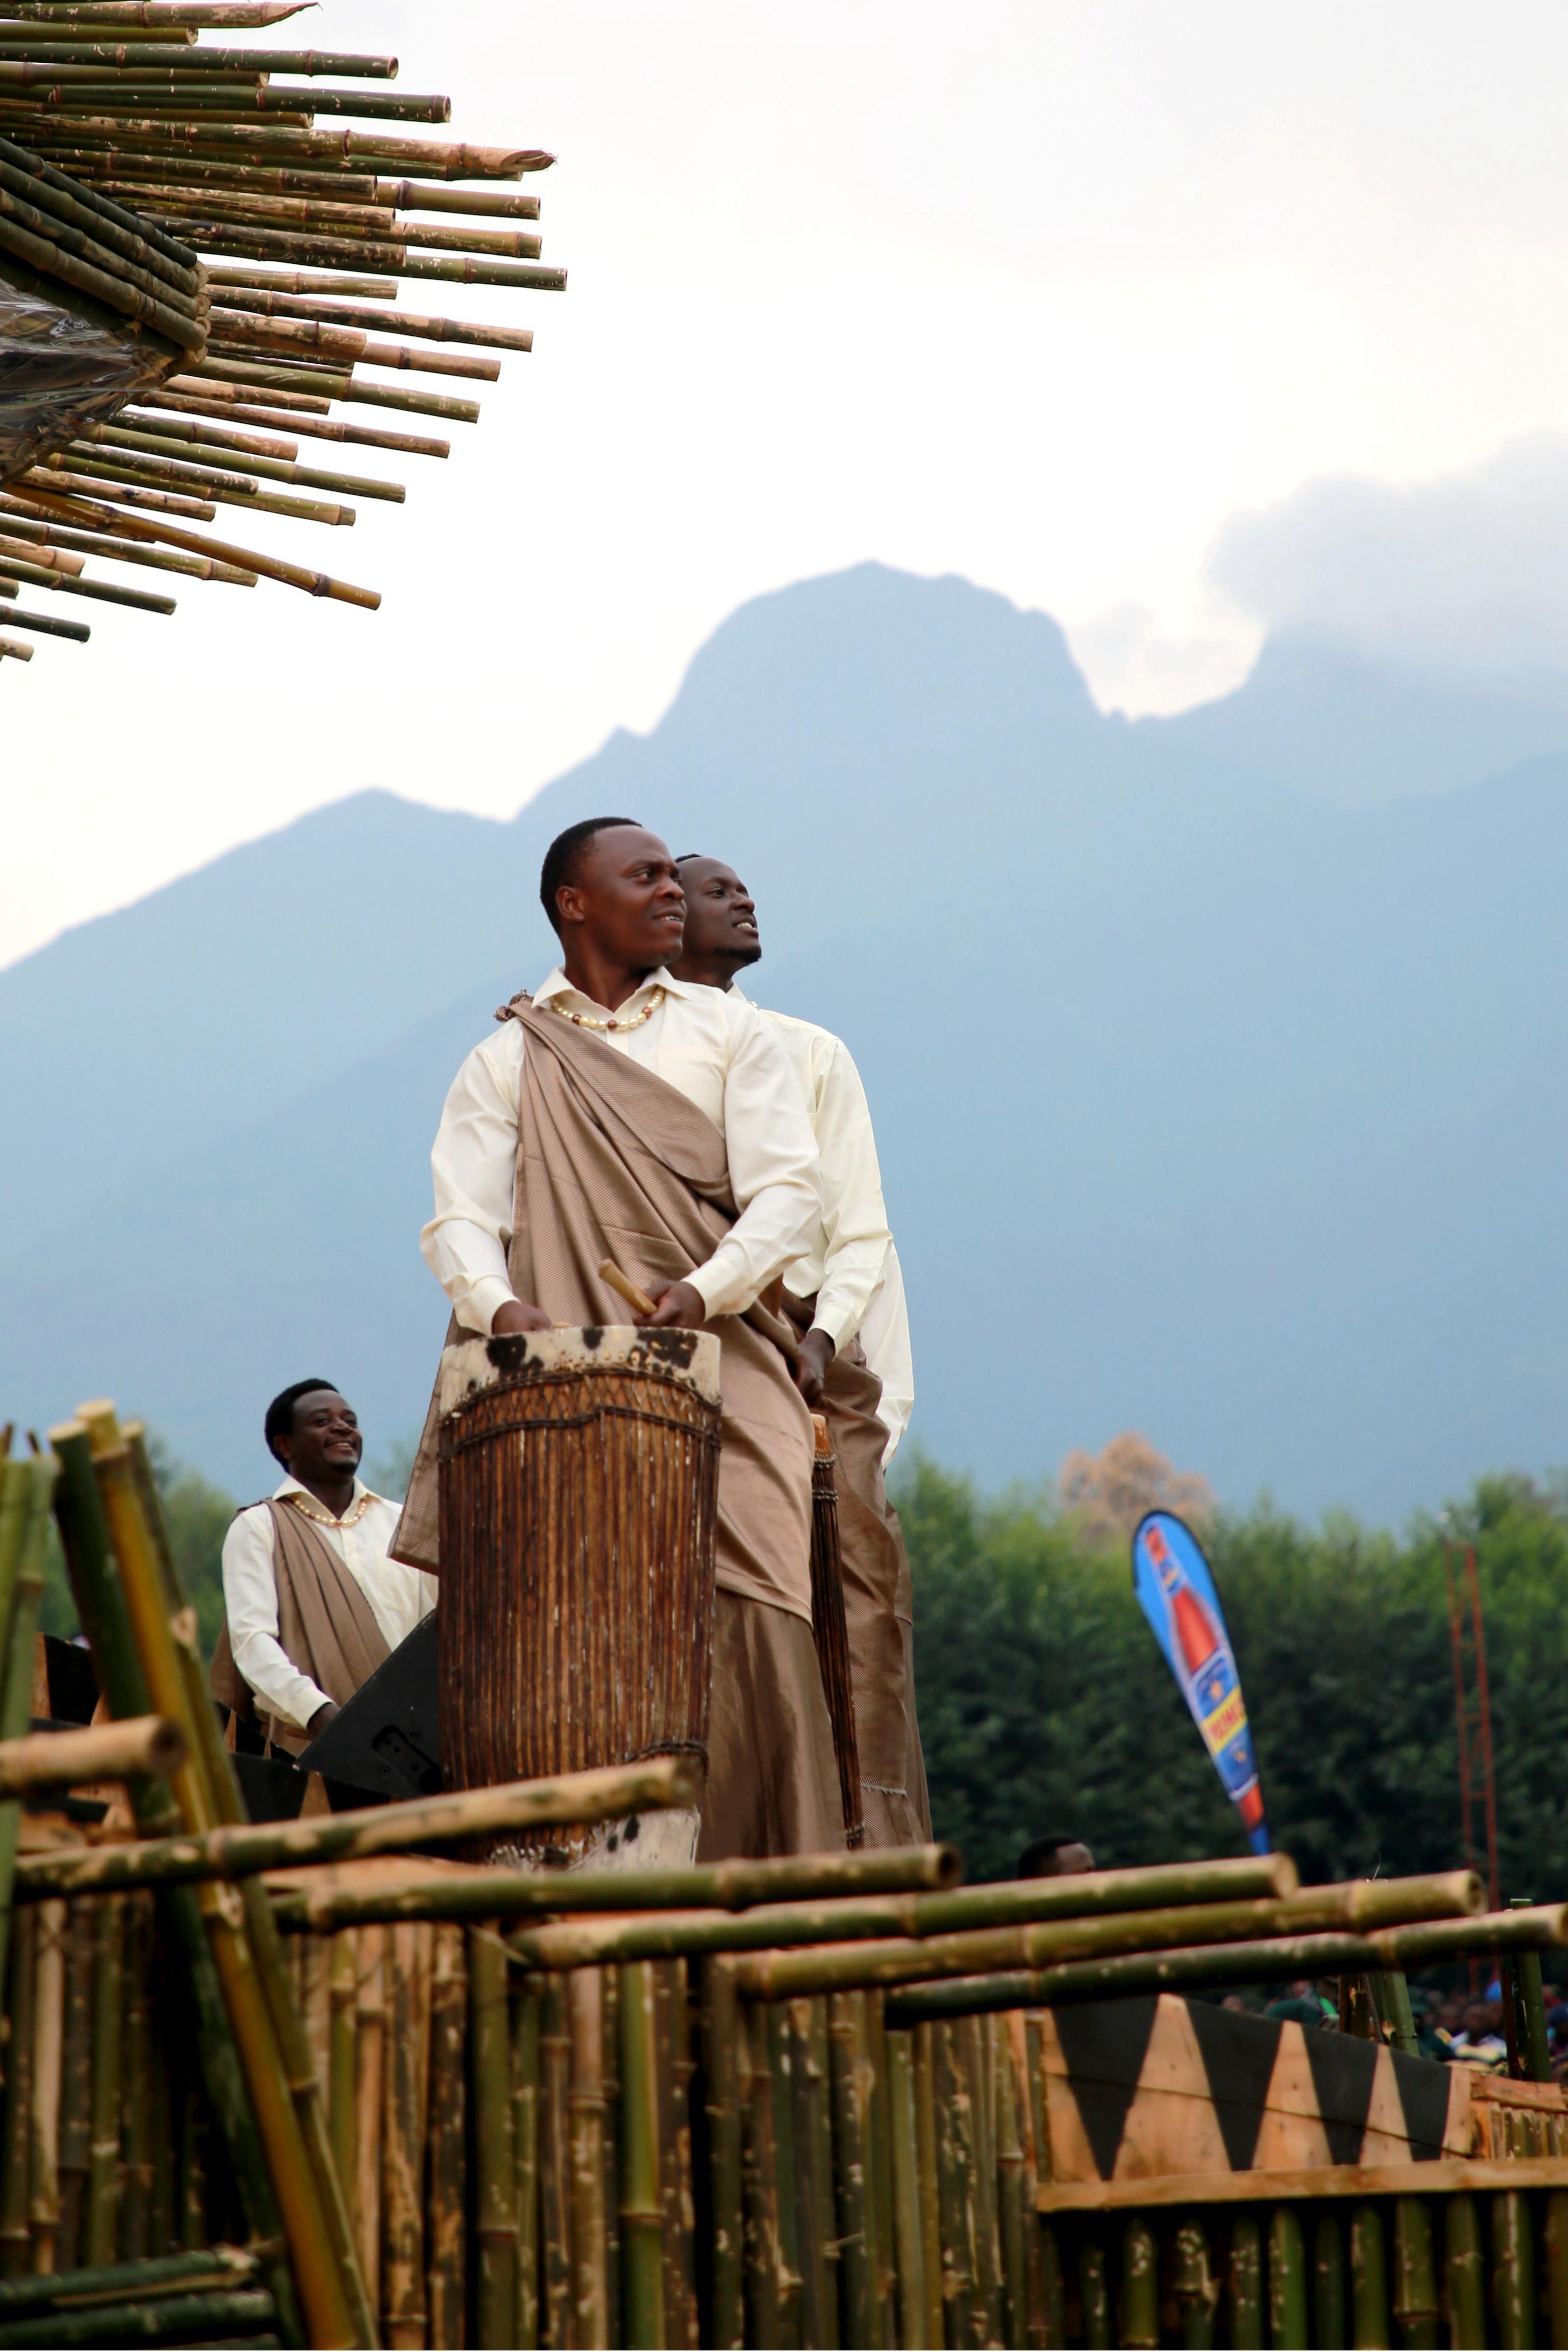 卢旺达总统保罗·卡加梅出生 -趣历史